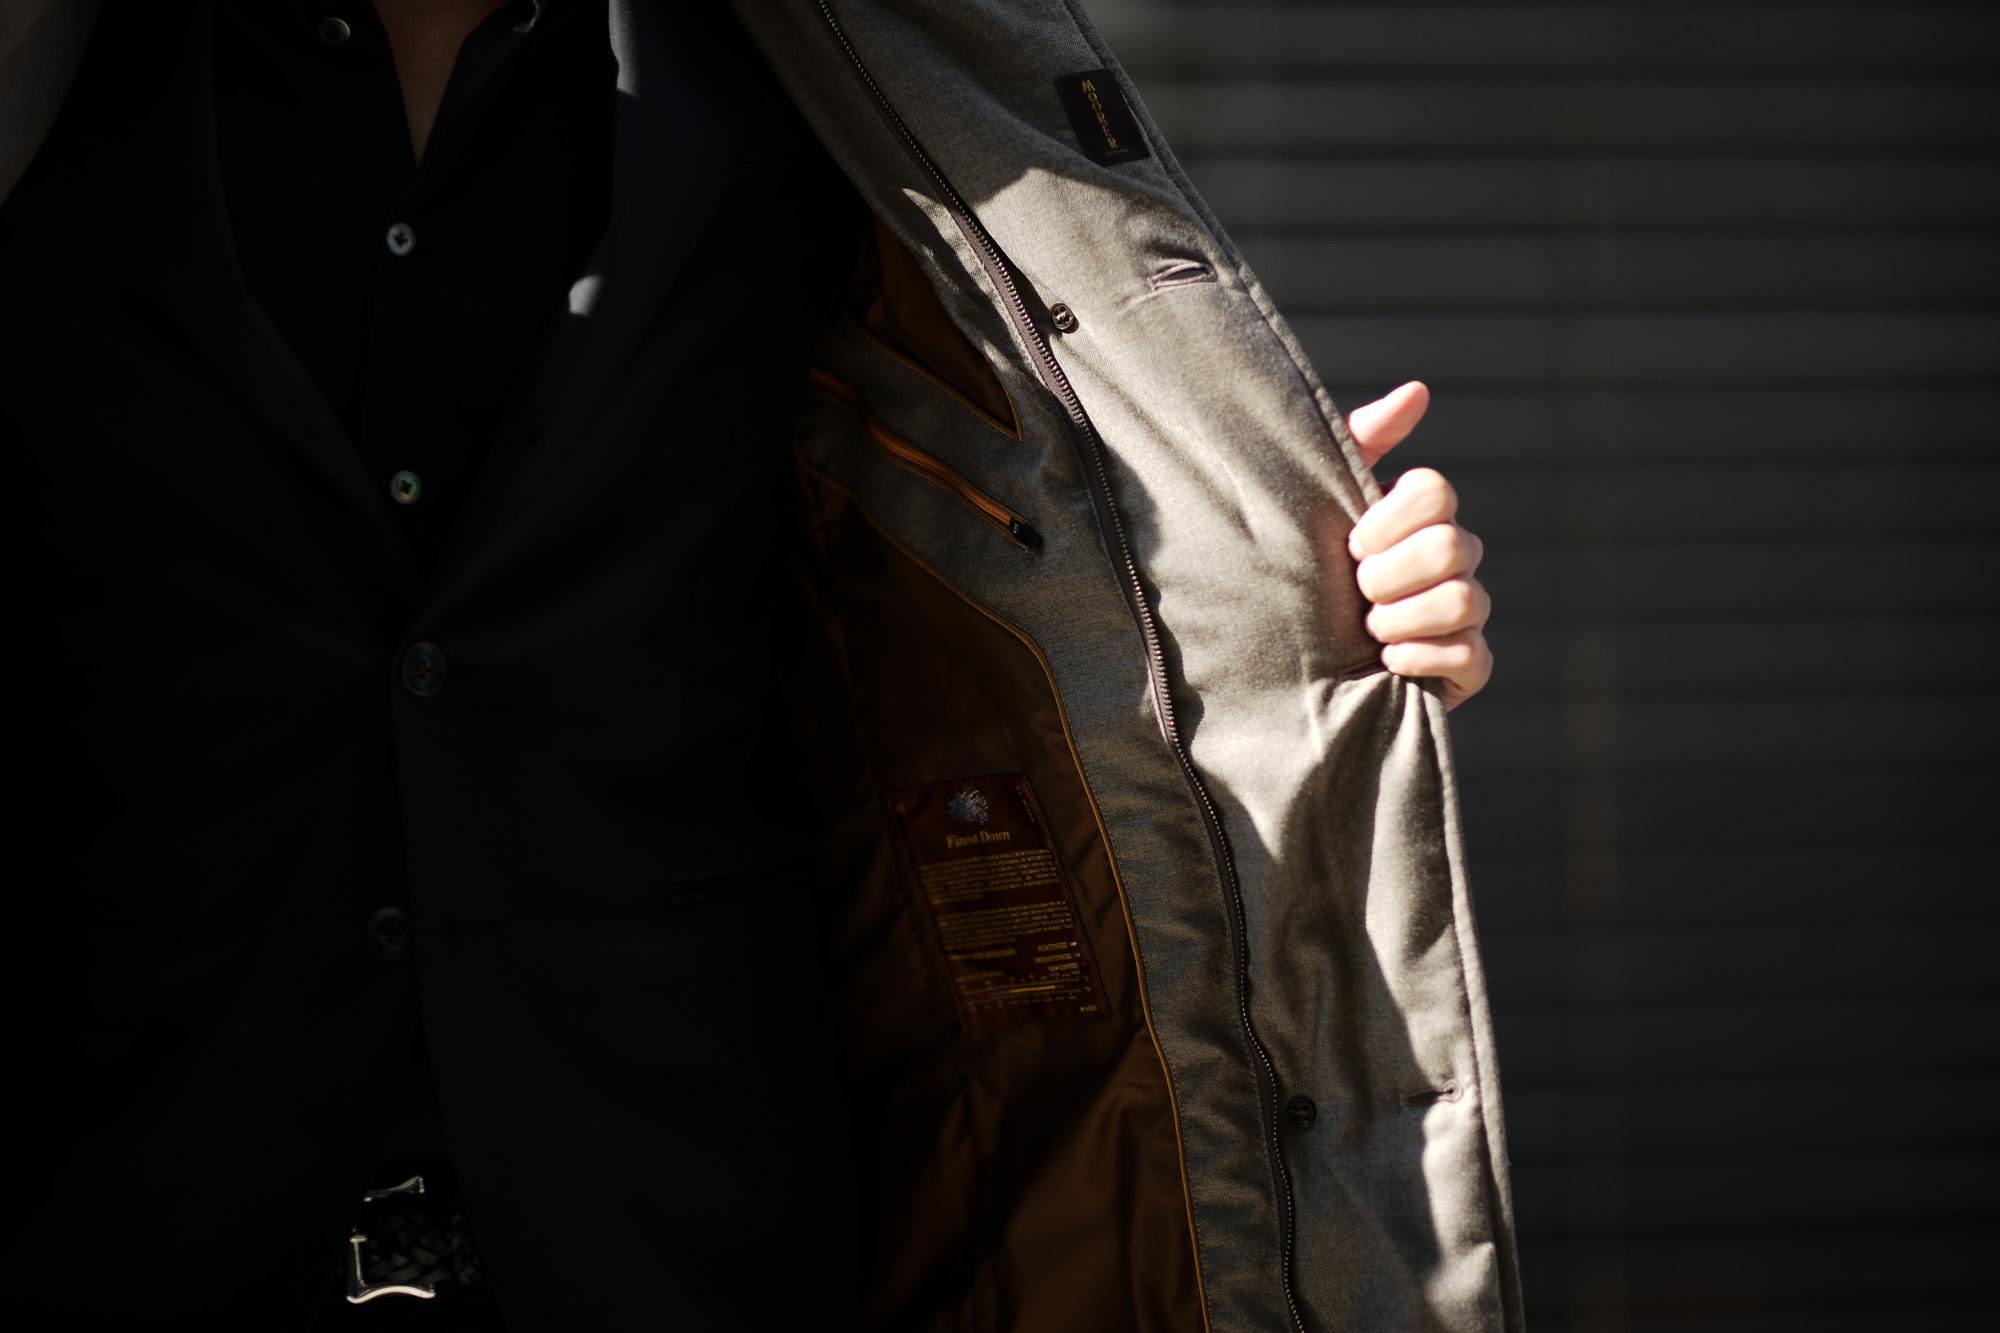 MOORER (ムーレー)MORRIS-L (モーリス) LoroPiana (ロロピアーナ) ウールカシミア ダブルブレスト ダウン コート BEIGE (ベージュ・32) Made in italy (イタリア製) 2019 秋冬新作 愛知 名古屋 altoediritto アルトエデリット